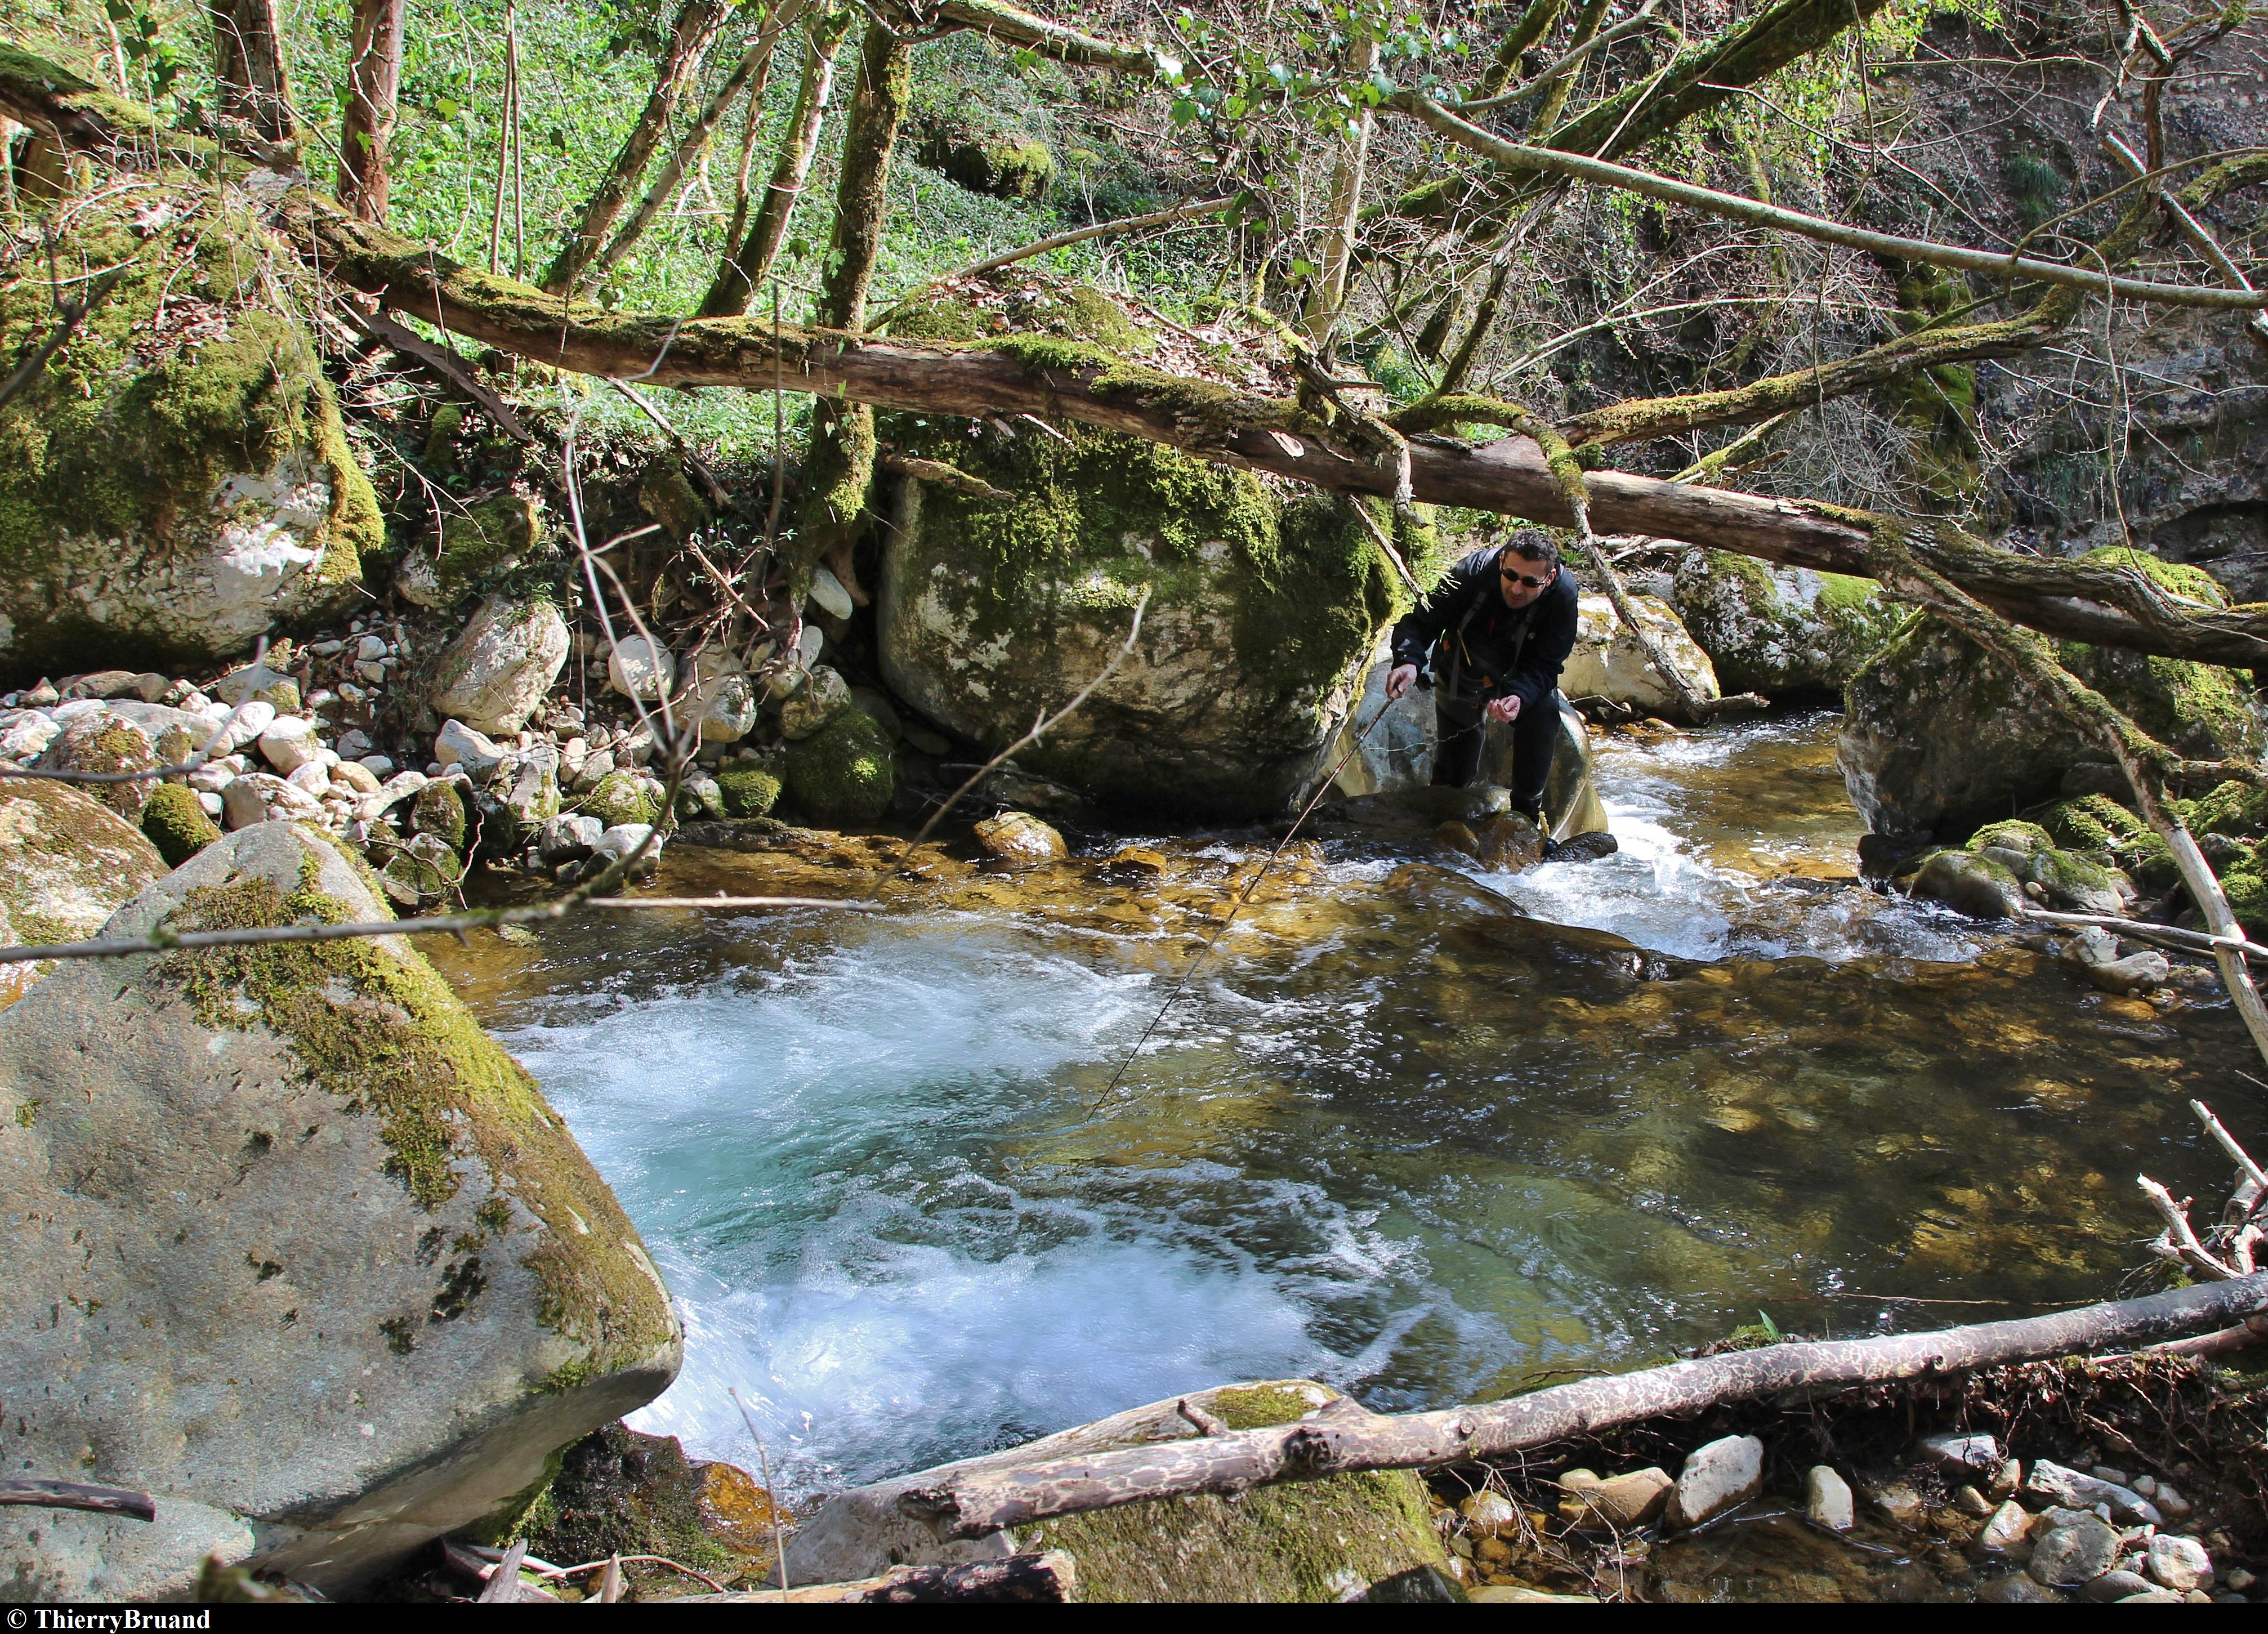 Le parcours du ruisseau de la Fougère et ses encombrements exige une bonne maîtrise technique